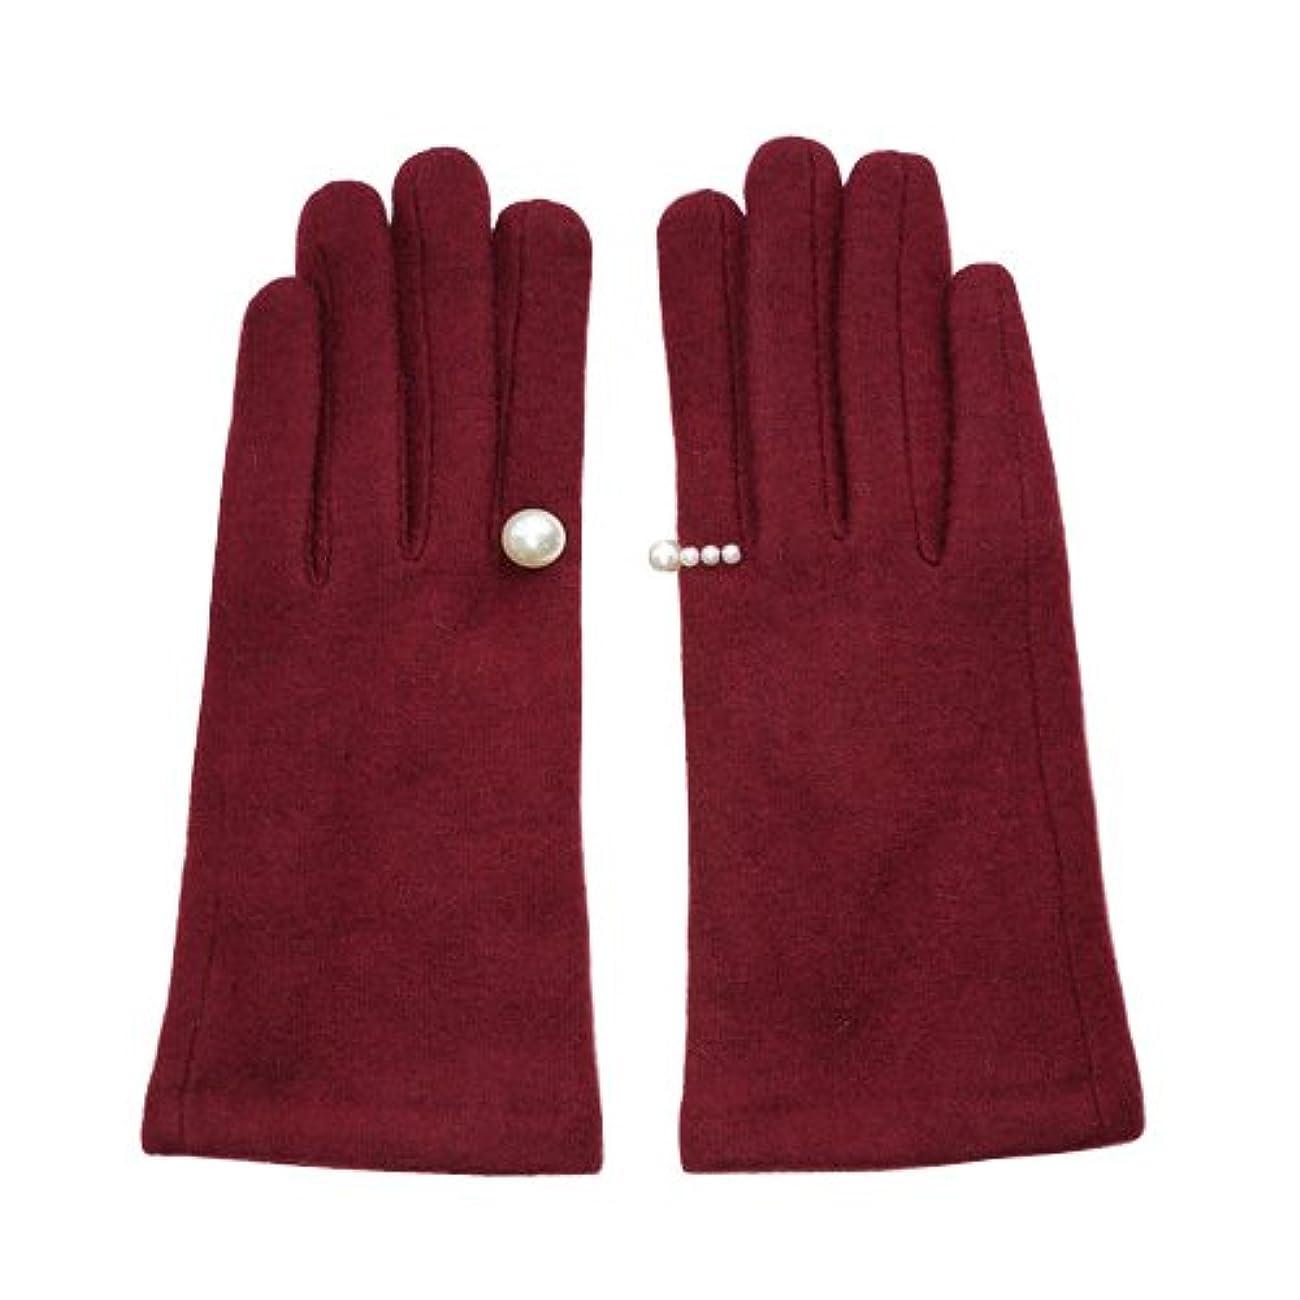 (ファッションファン) FASHION FAN かわいい スマホ 手袋 レディース 正規品 あったかい 裏起毛 パール飾り付 (4、ワイン)